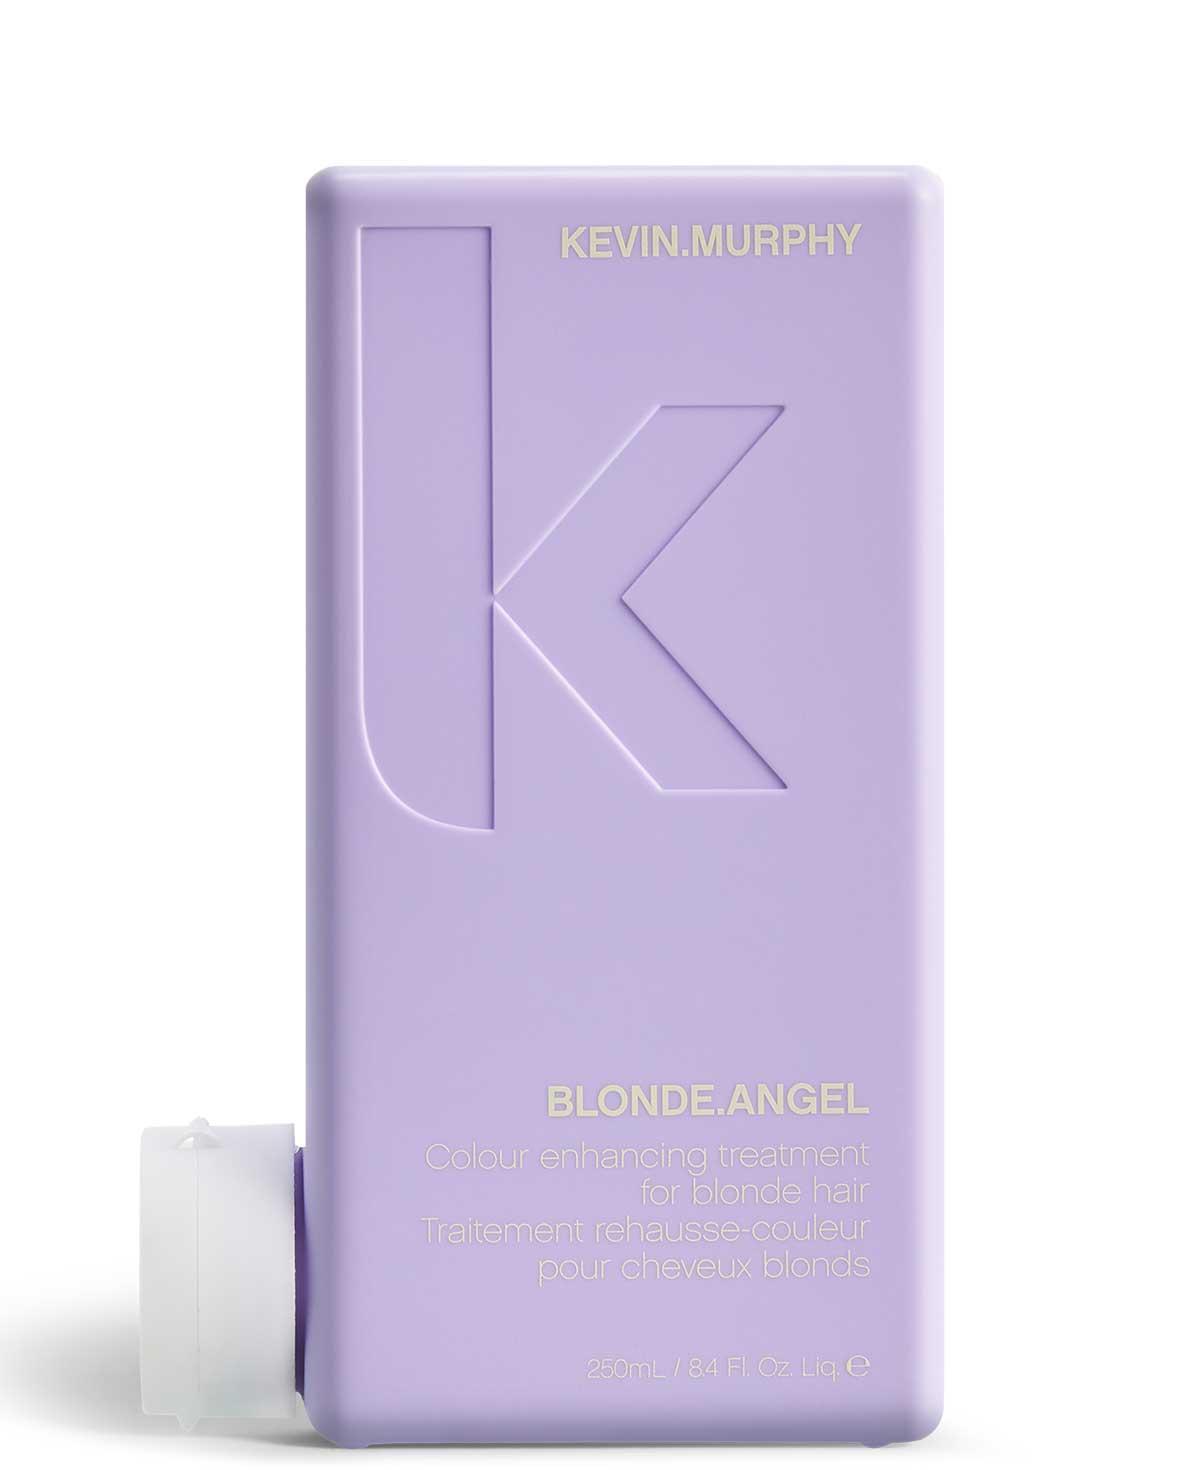 Kevin.Murphy BLONDE.ANGEL 250ml